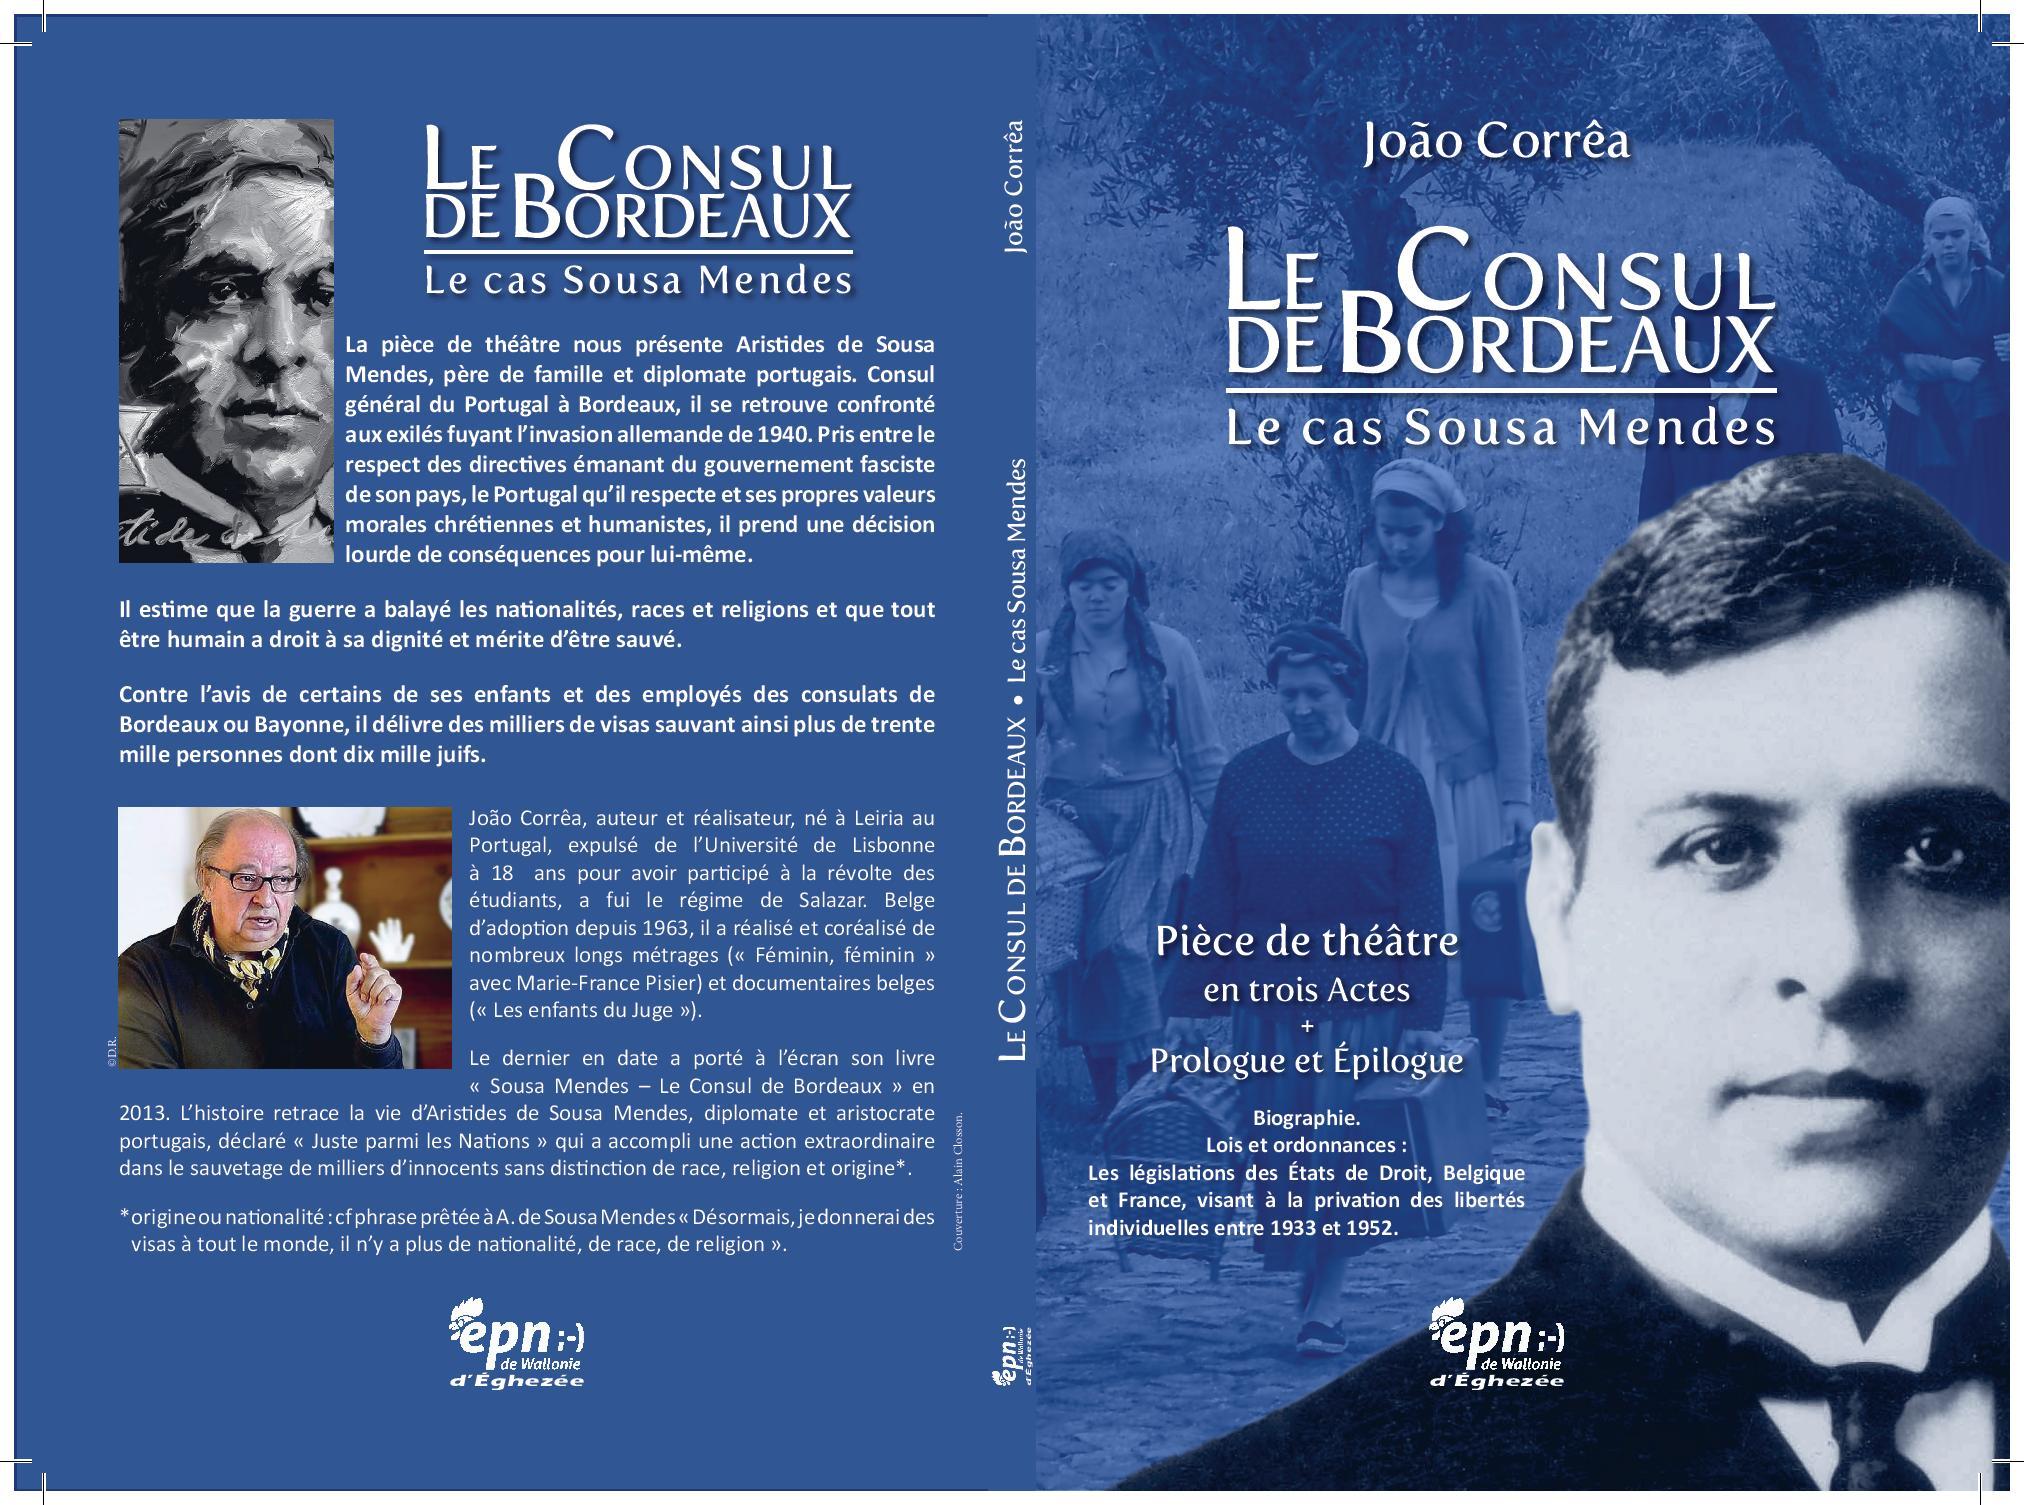 Le Consul de Bordeaux couverture 1 a 4-page-001